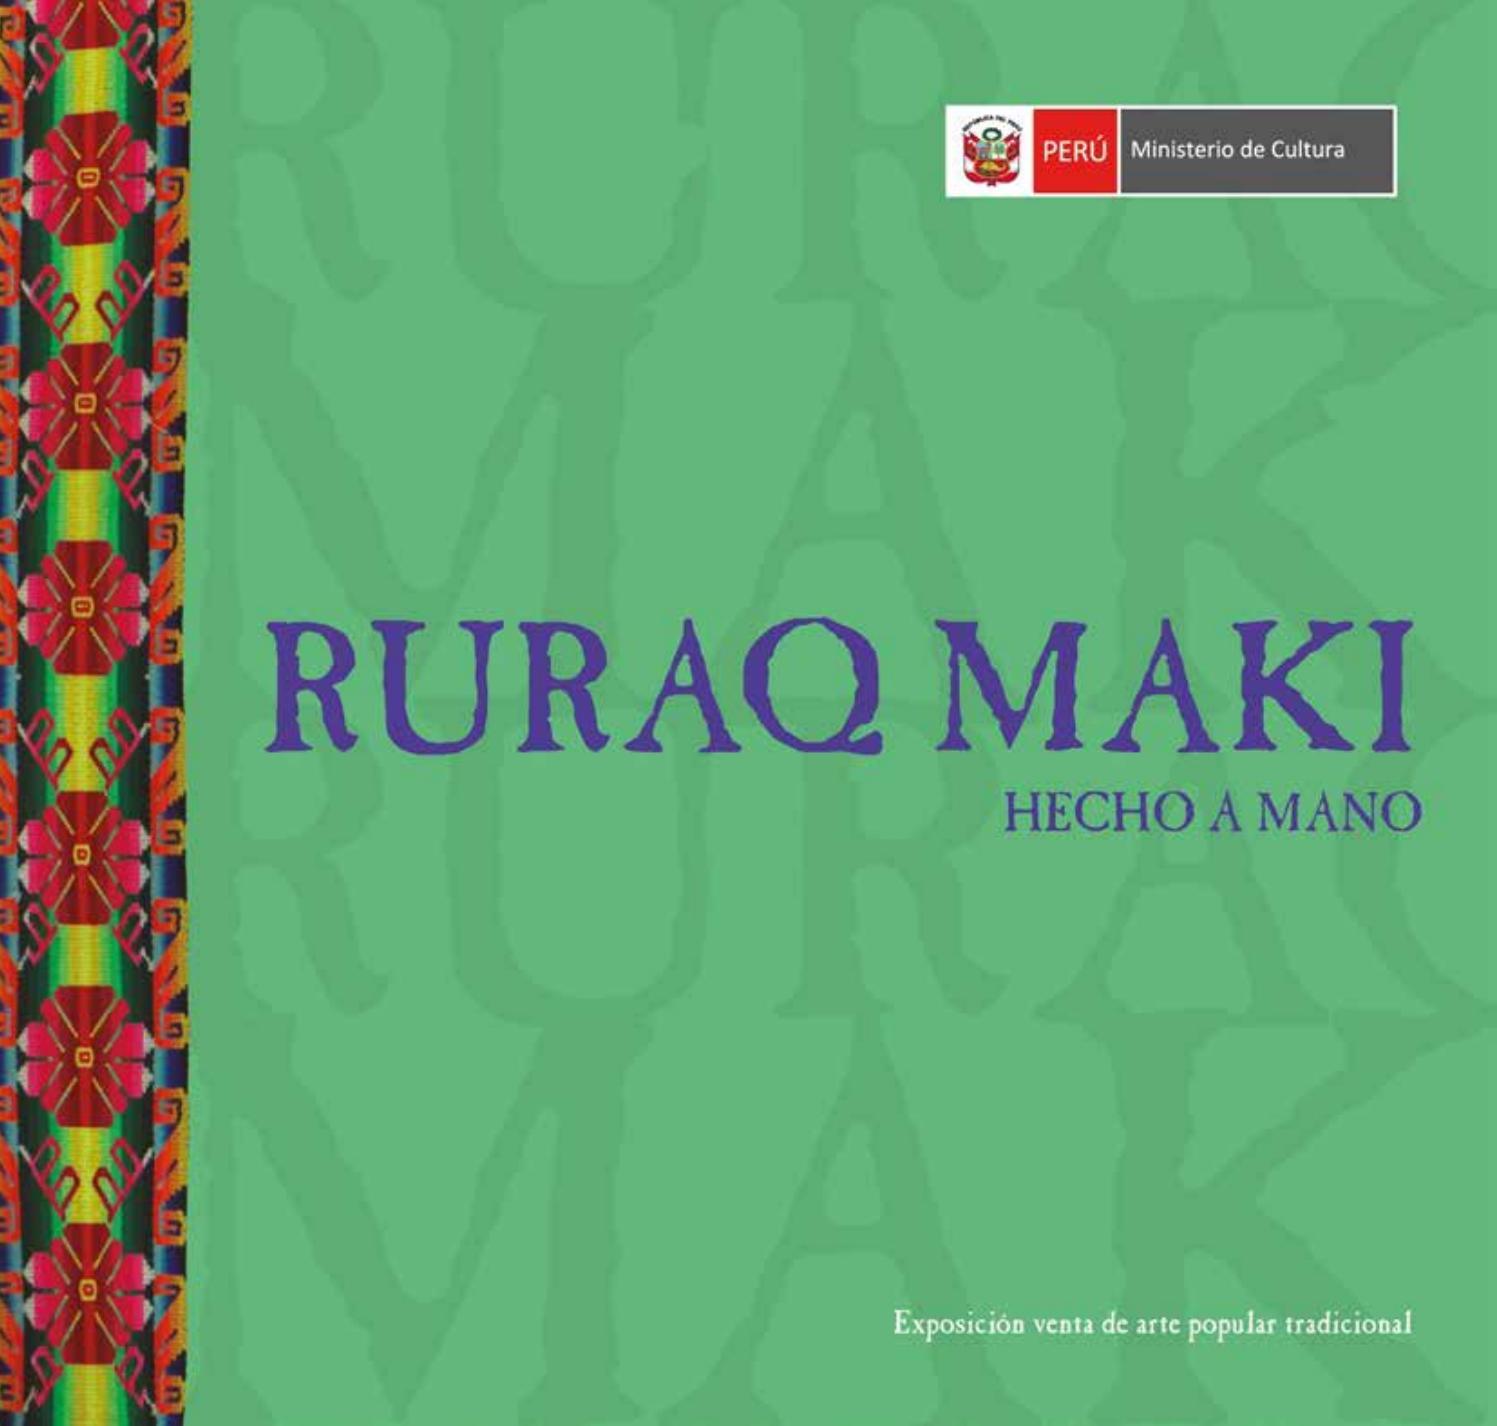 Ruraq Diciembre Issuu Ministerio Cultura By Maki De 2017 eDIE2HYW9